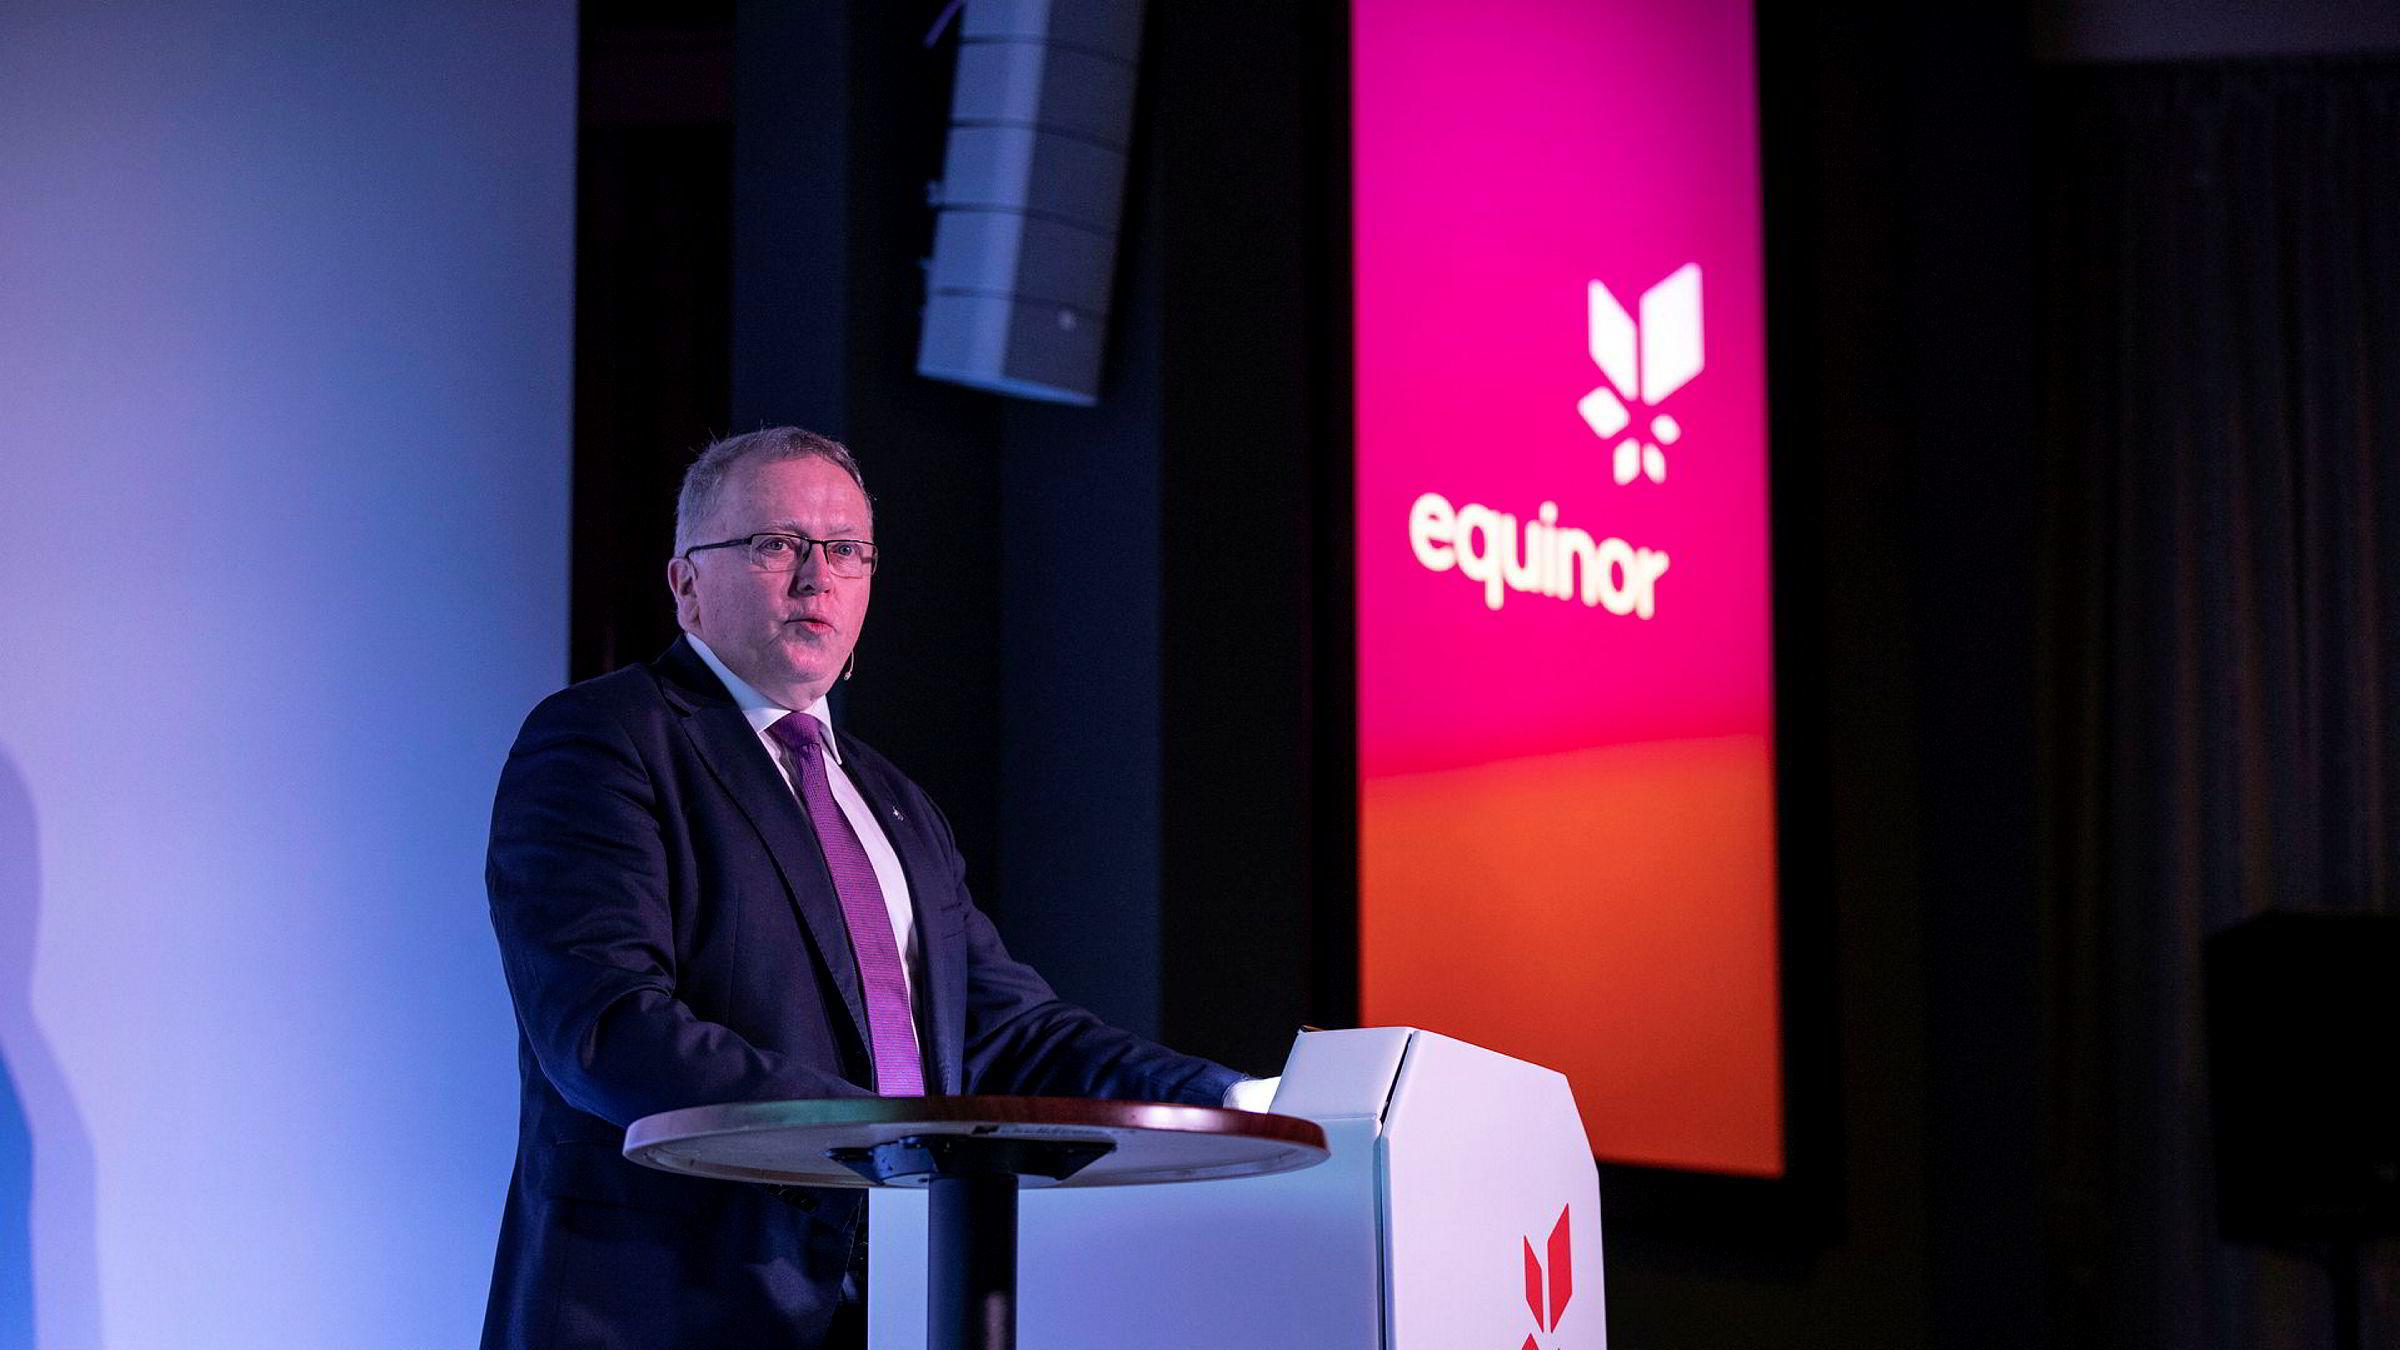 Equinor har tapt astronomiske summer på fellesskapets vegne, uten at det ser ut til å få konsekvenser for noen. Konsernsjef Eldar Sætre presenterer her Equinor for investorer og finansanalytikere i London i februar.